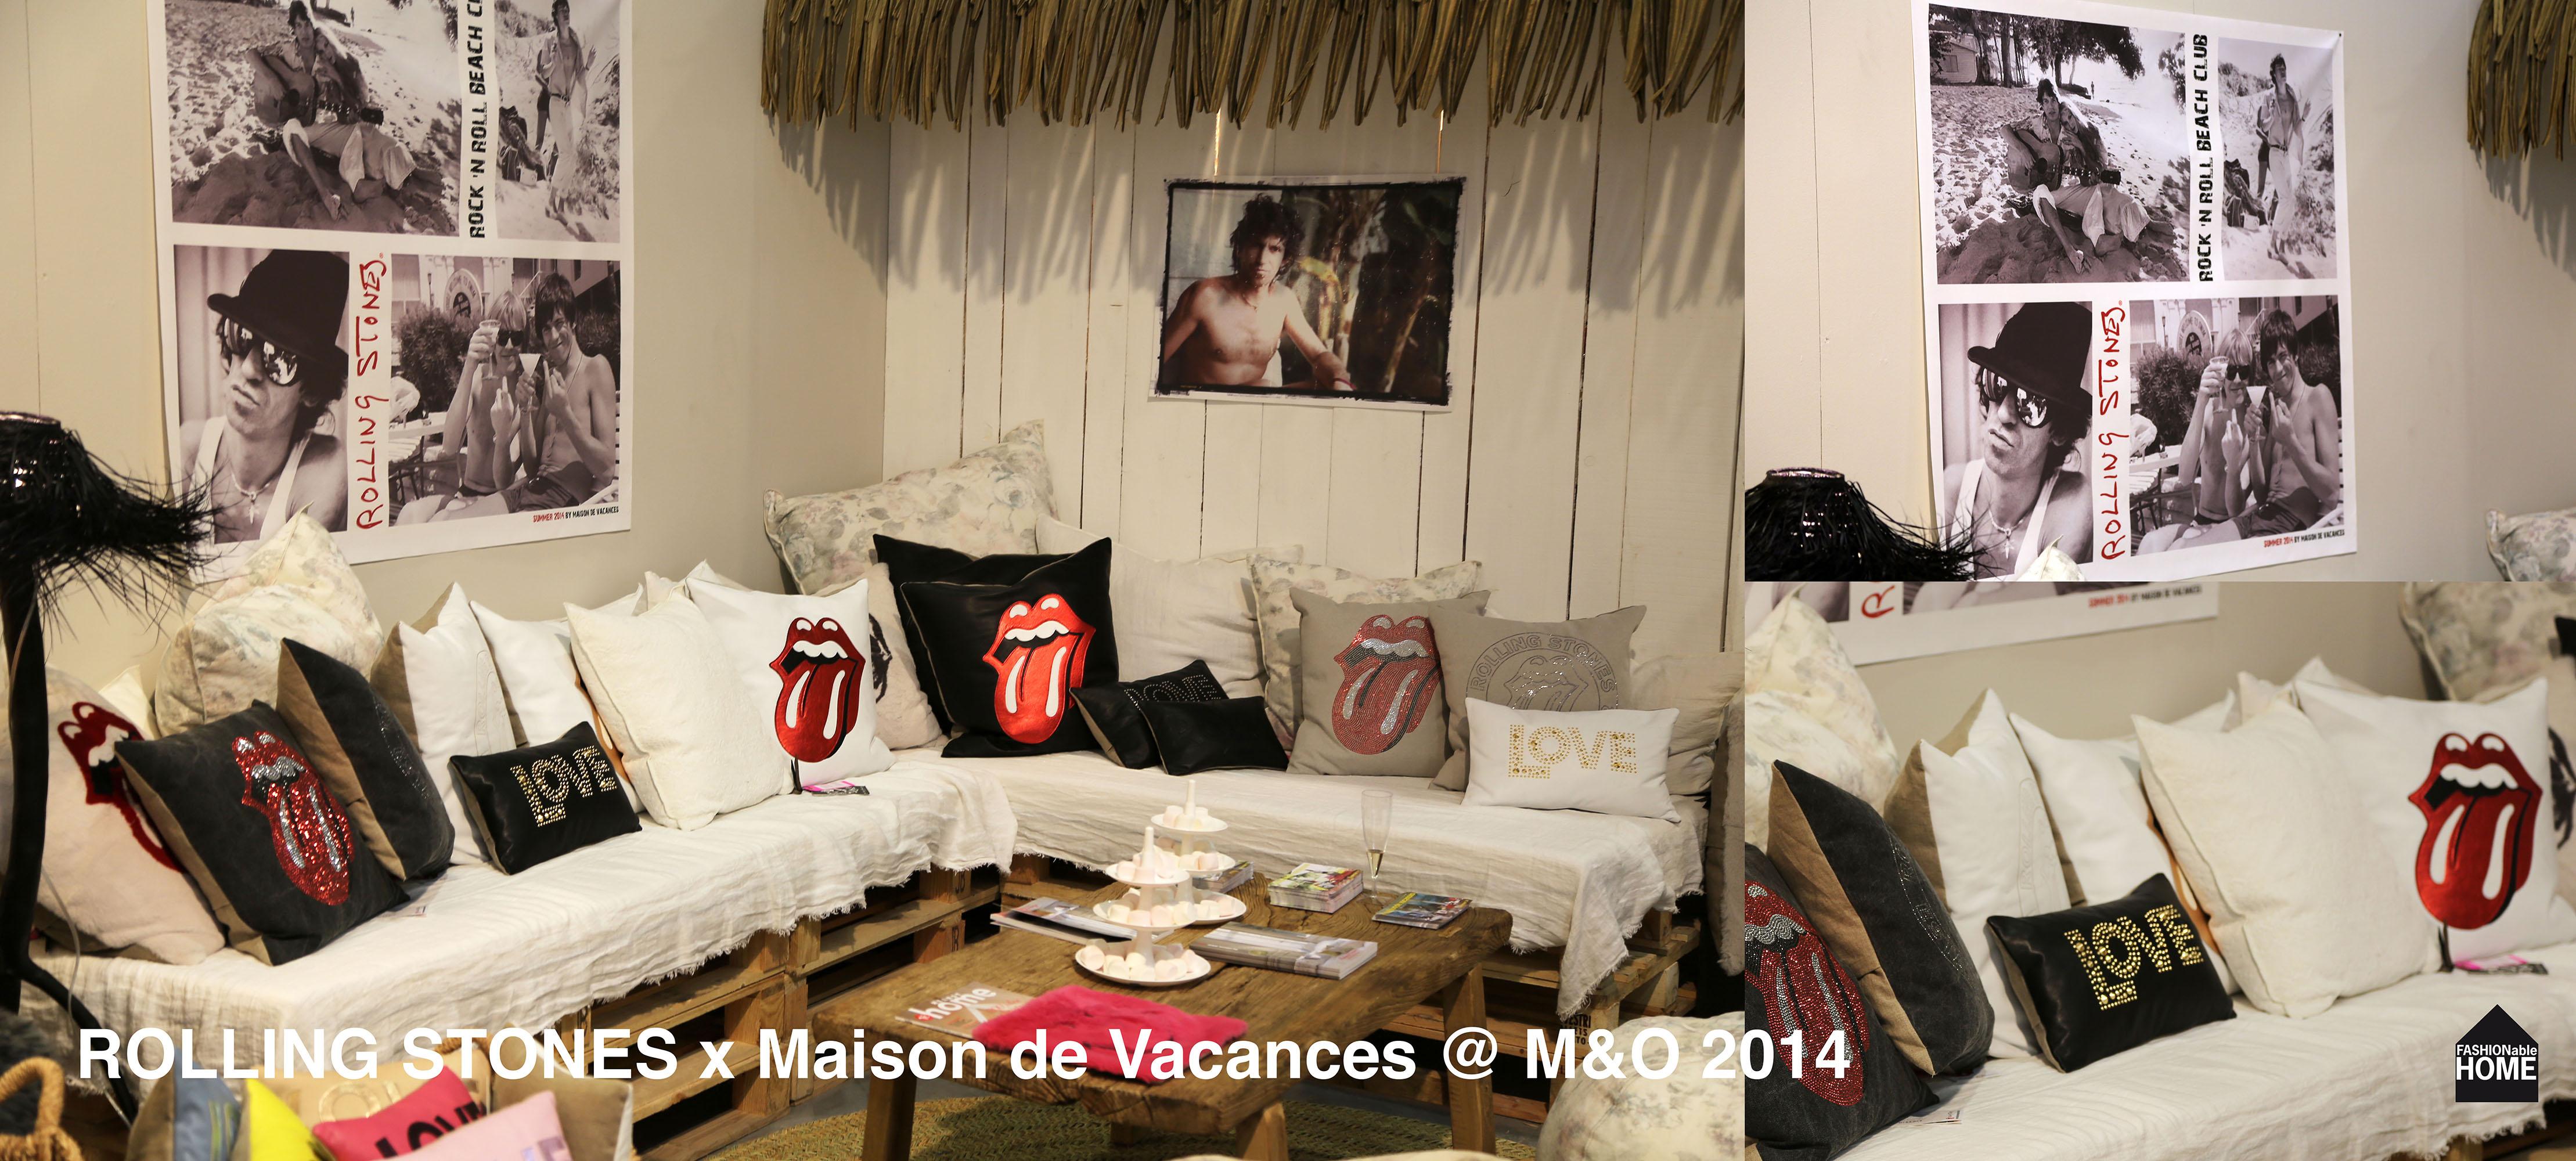 Rolling stones cushions for maison de vacances maison - Maison de vacances deborah french design ...